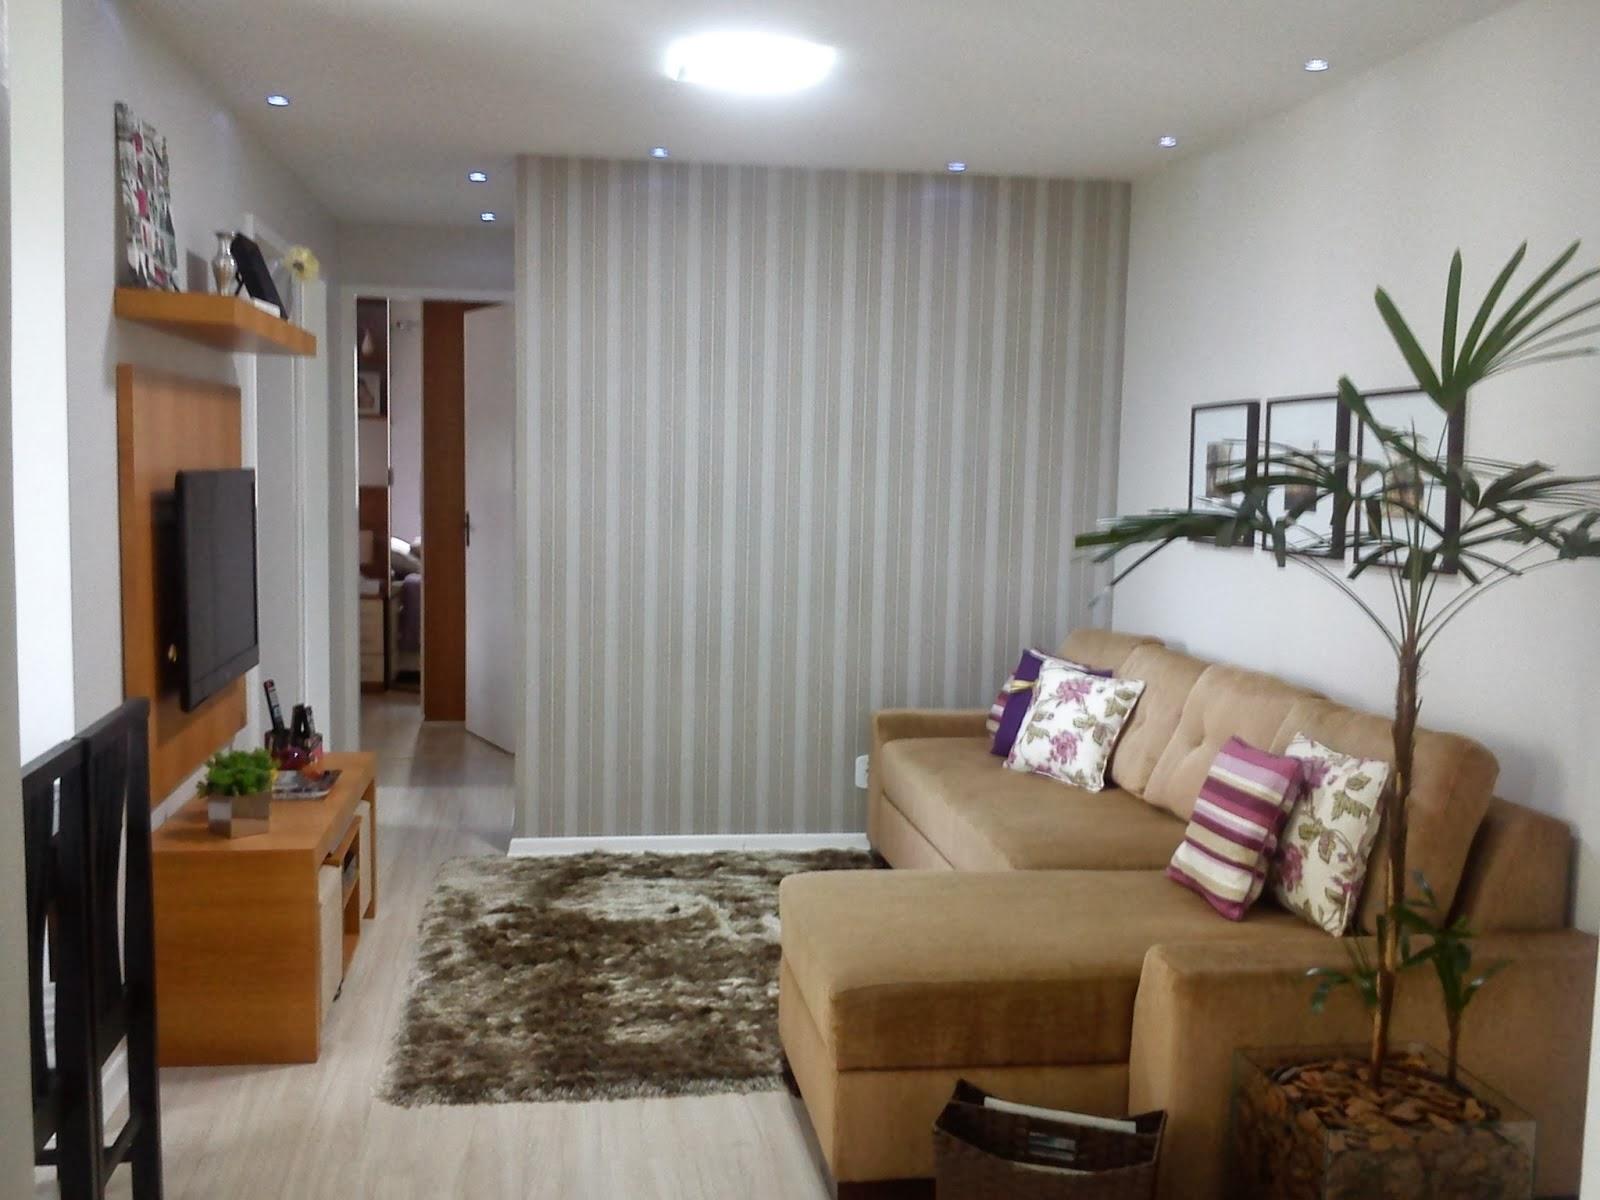 Dicas De Como Decorar Uma Sala Pequena Decore J  -> Como Decorar Uma Sala De Estar Muito Pequena